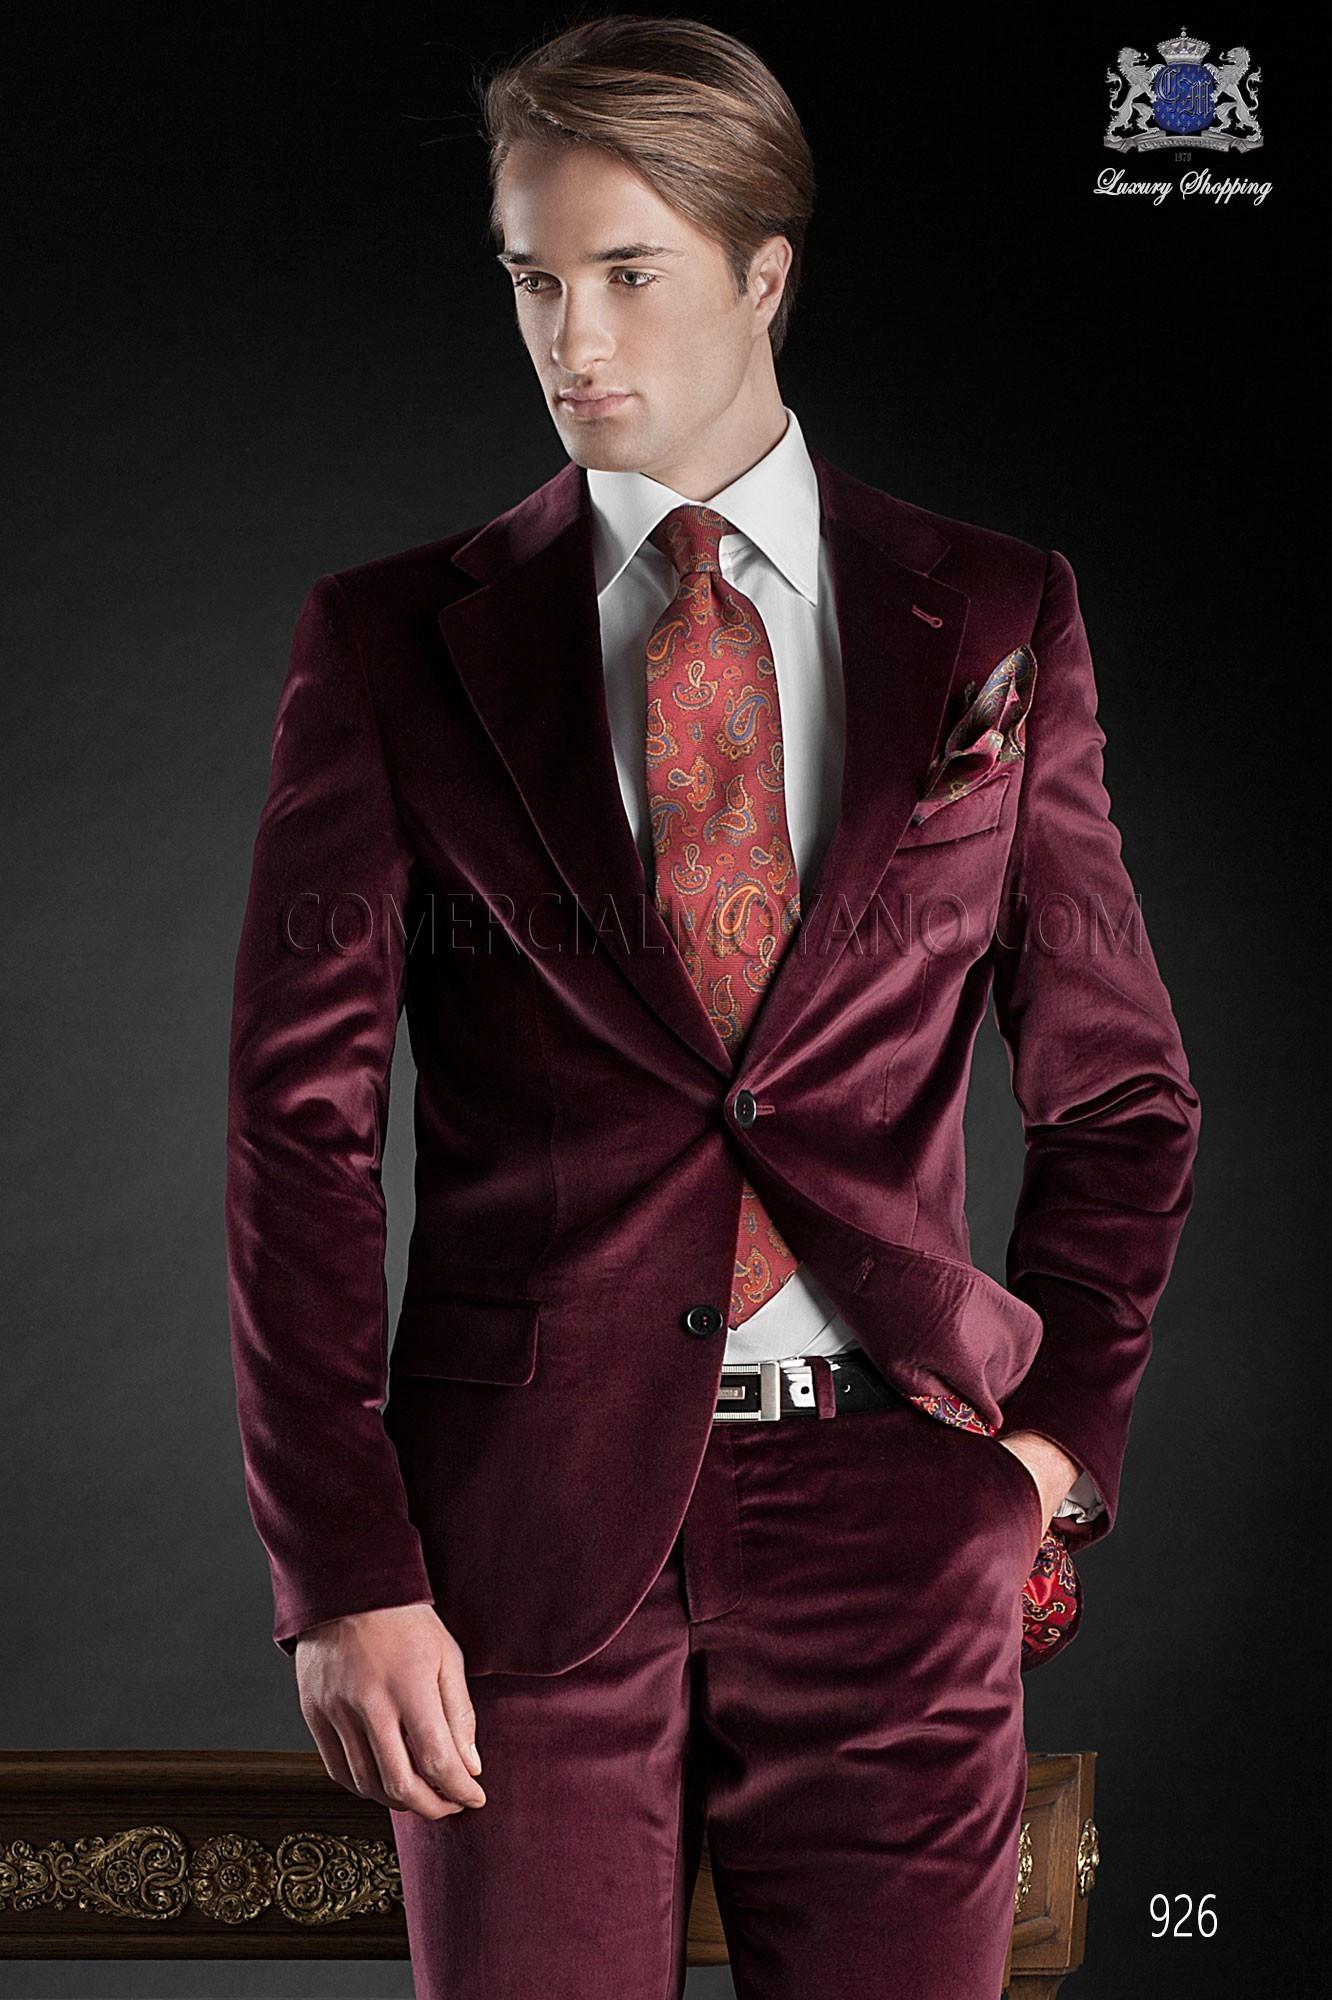 Traje de fiesta hombre granate modelo: 926 Ottavio Nuccio Gala colección Black Tie